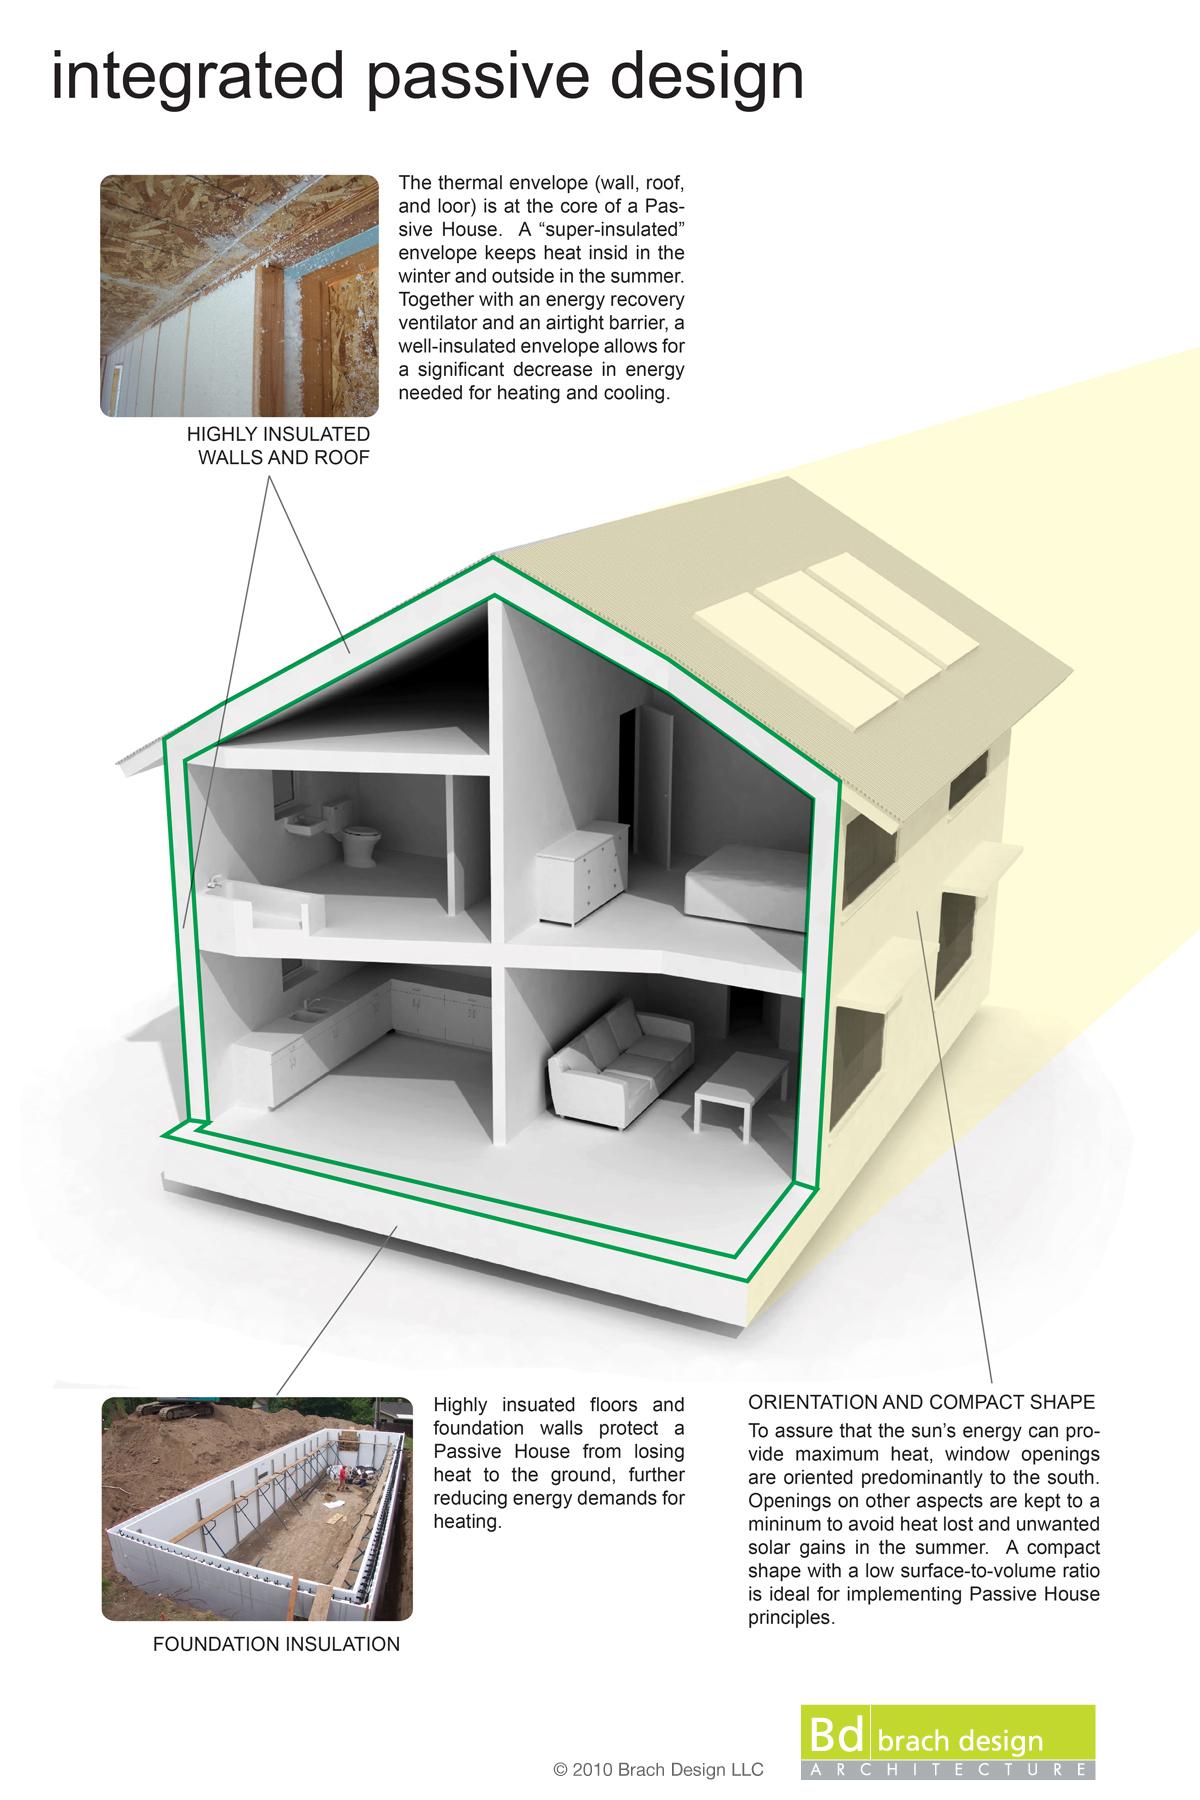 Passive House Design Brach Design Architecture